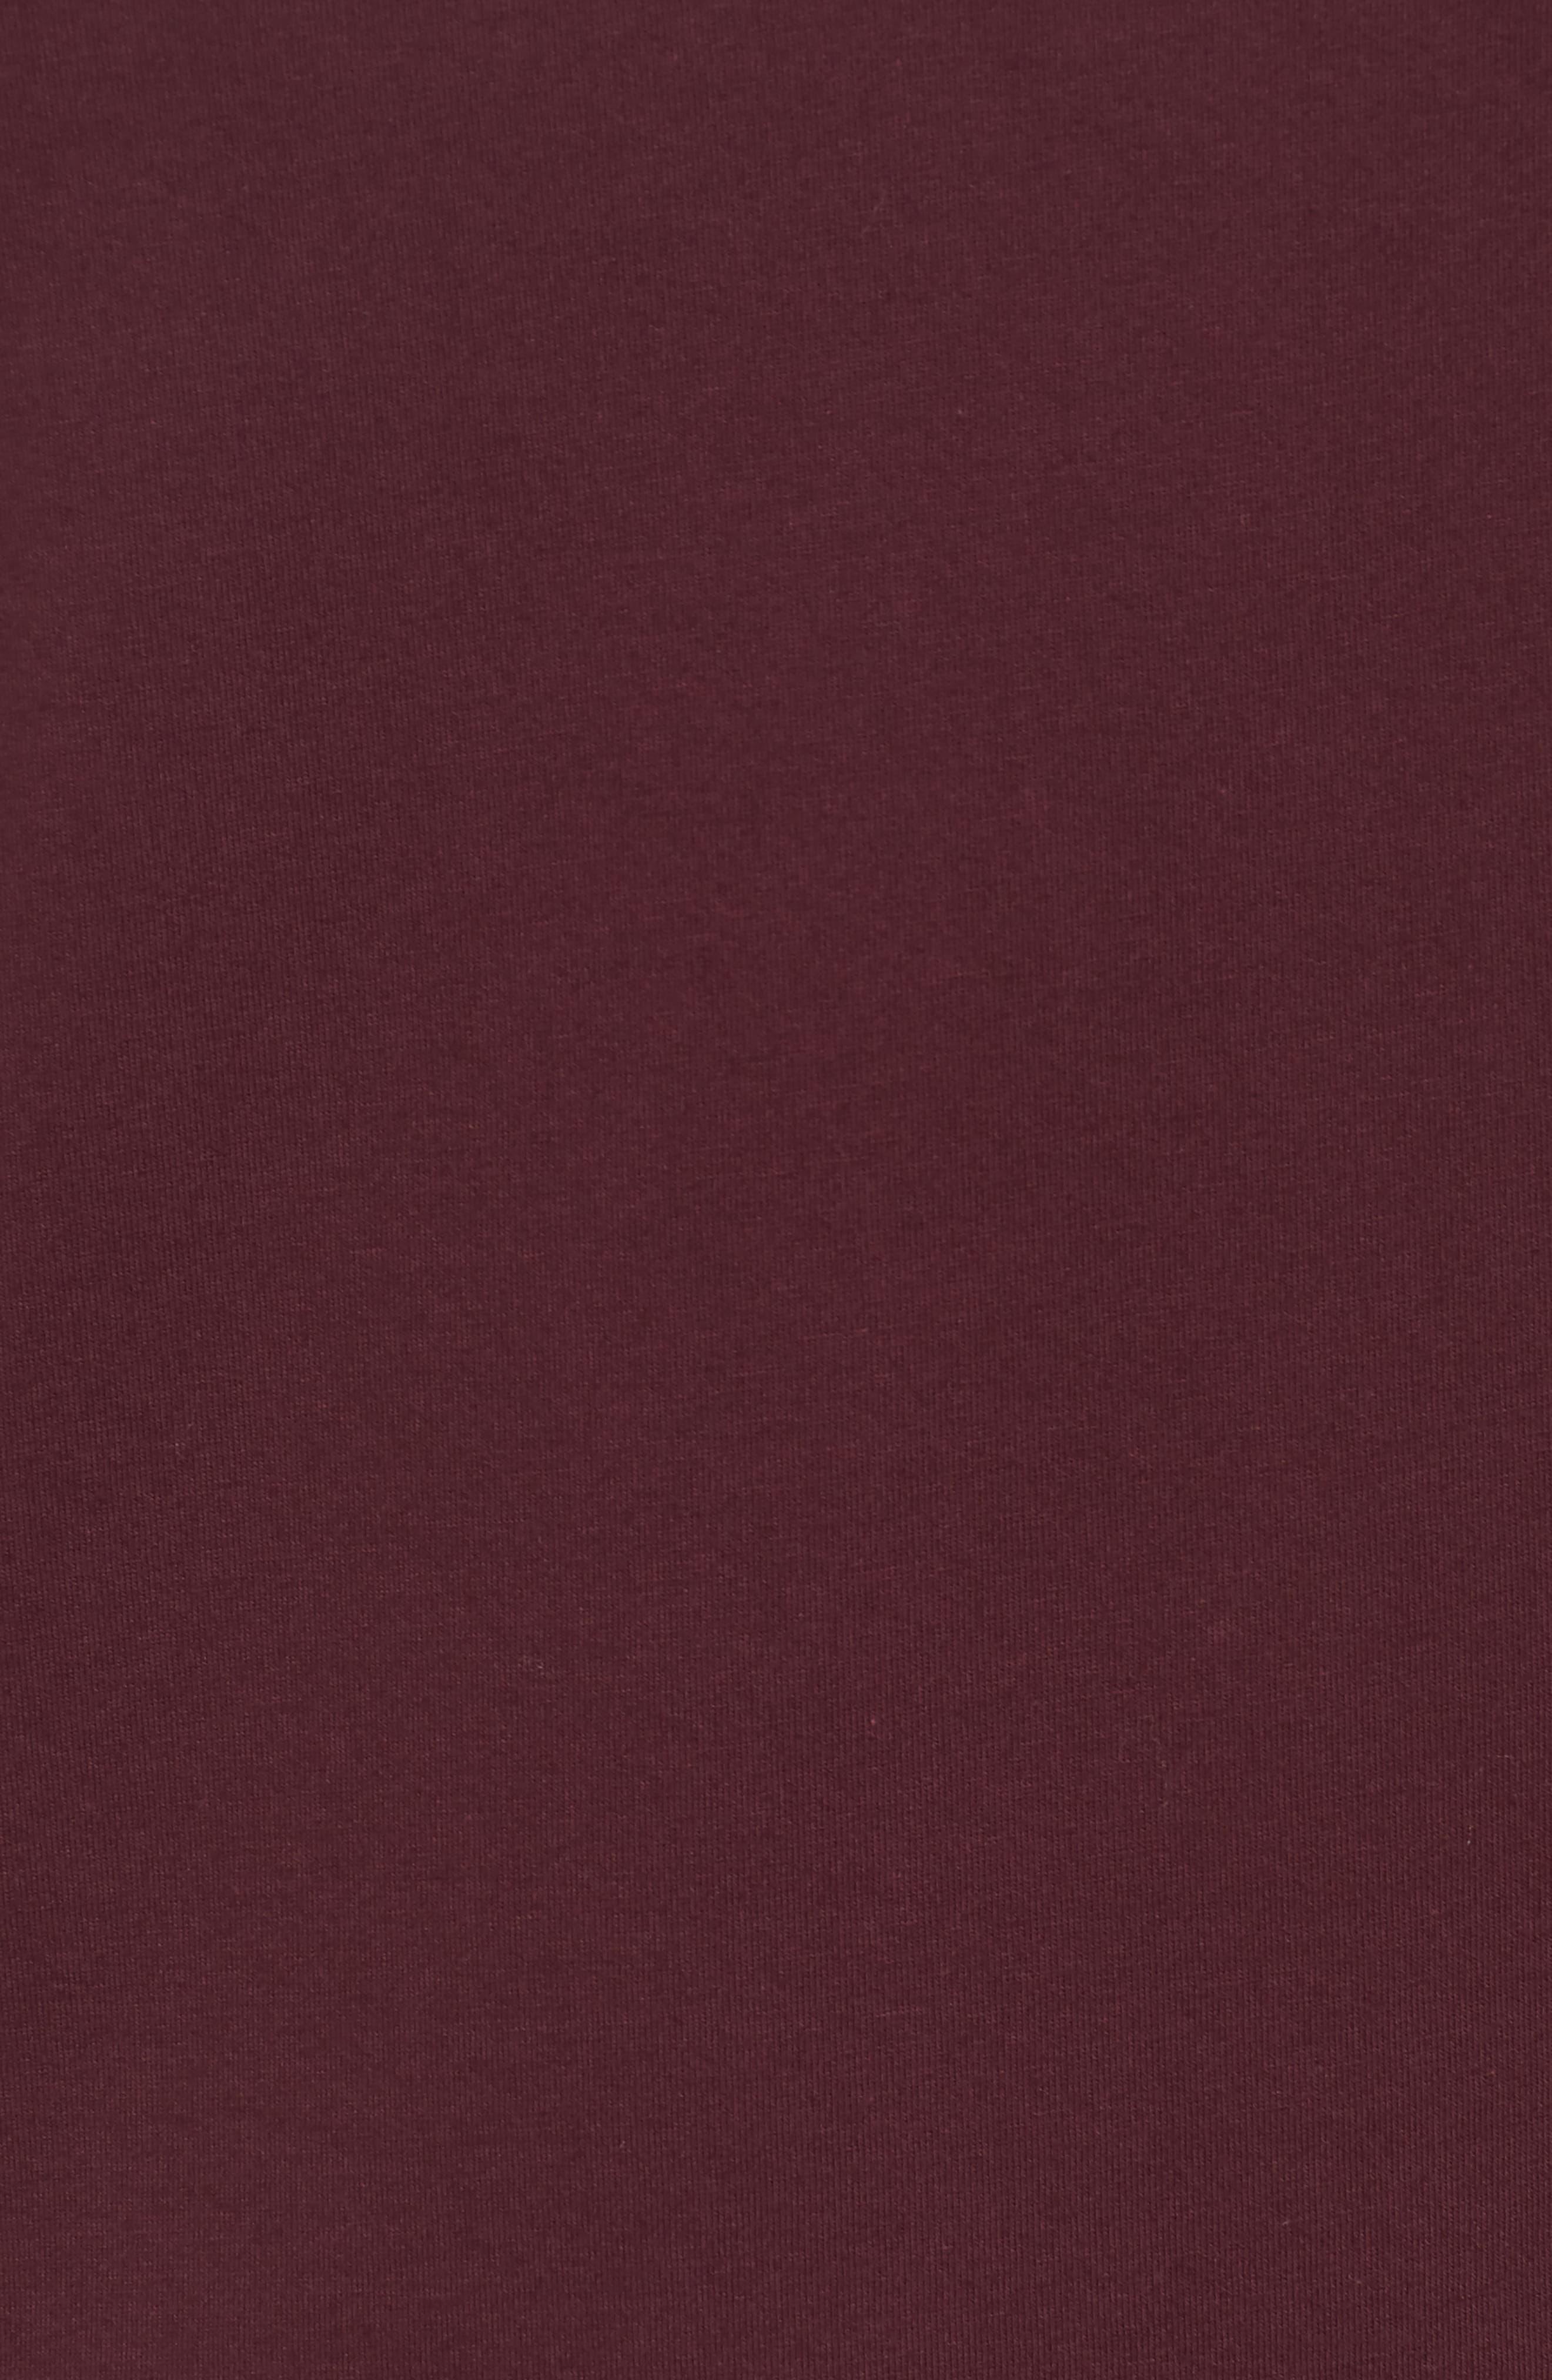 Slim Fit Crewneck T-Shirt,                             Alternate thumbnail 5, color,                             Bordeaux